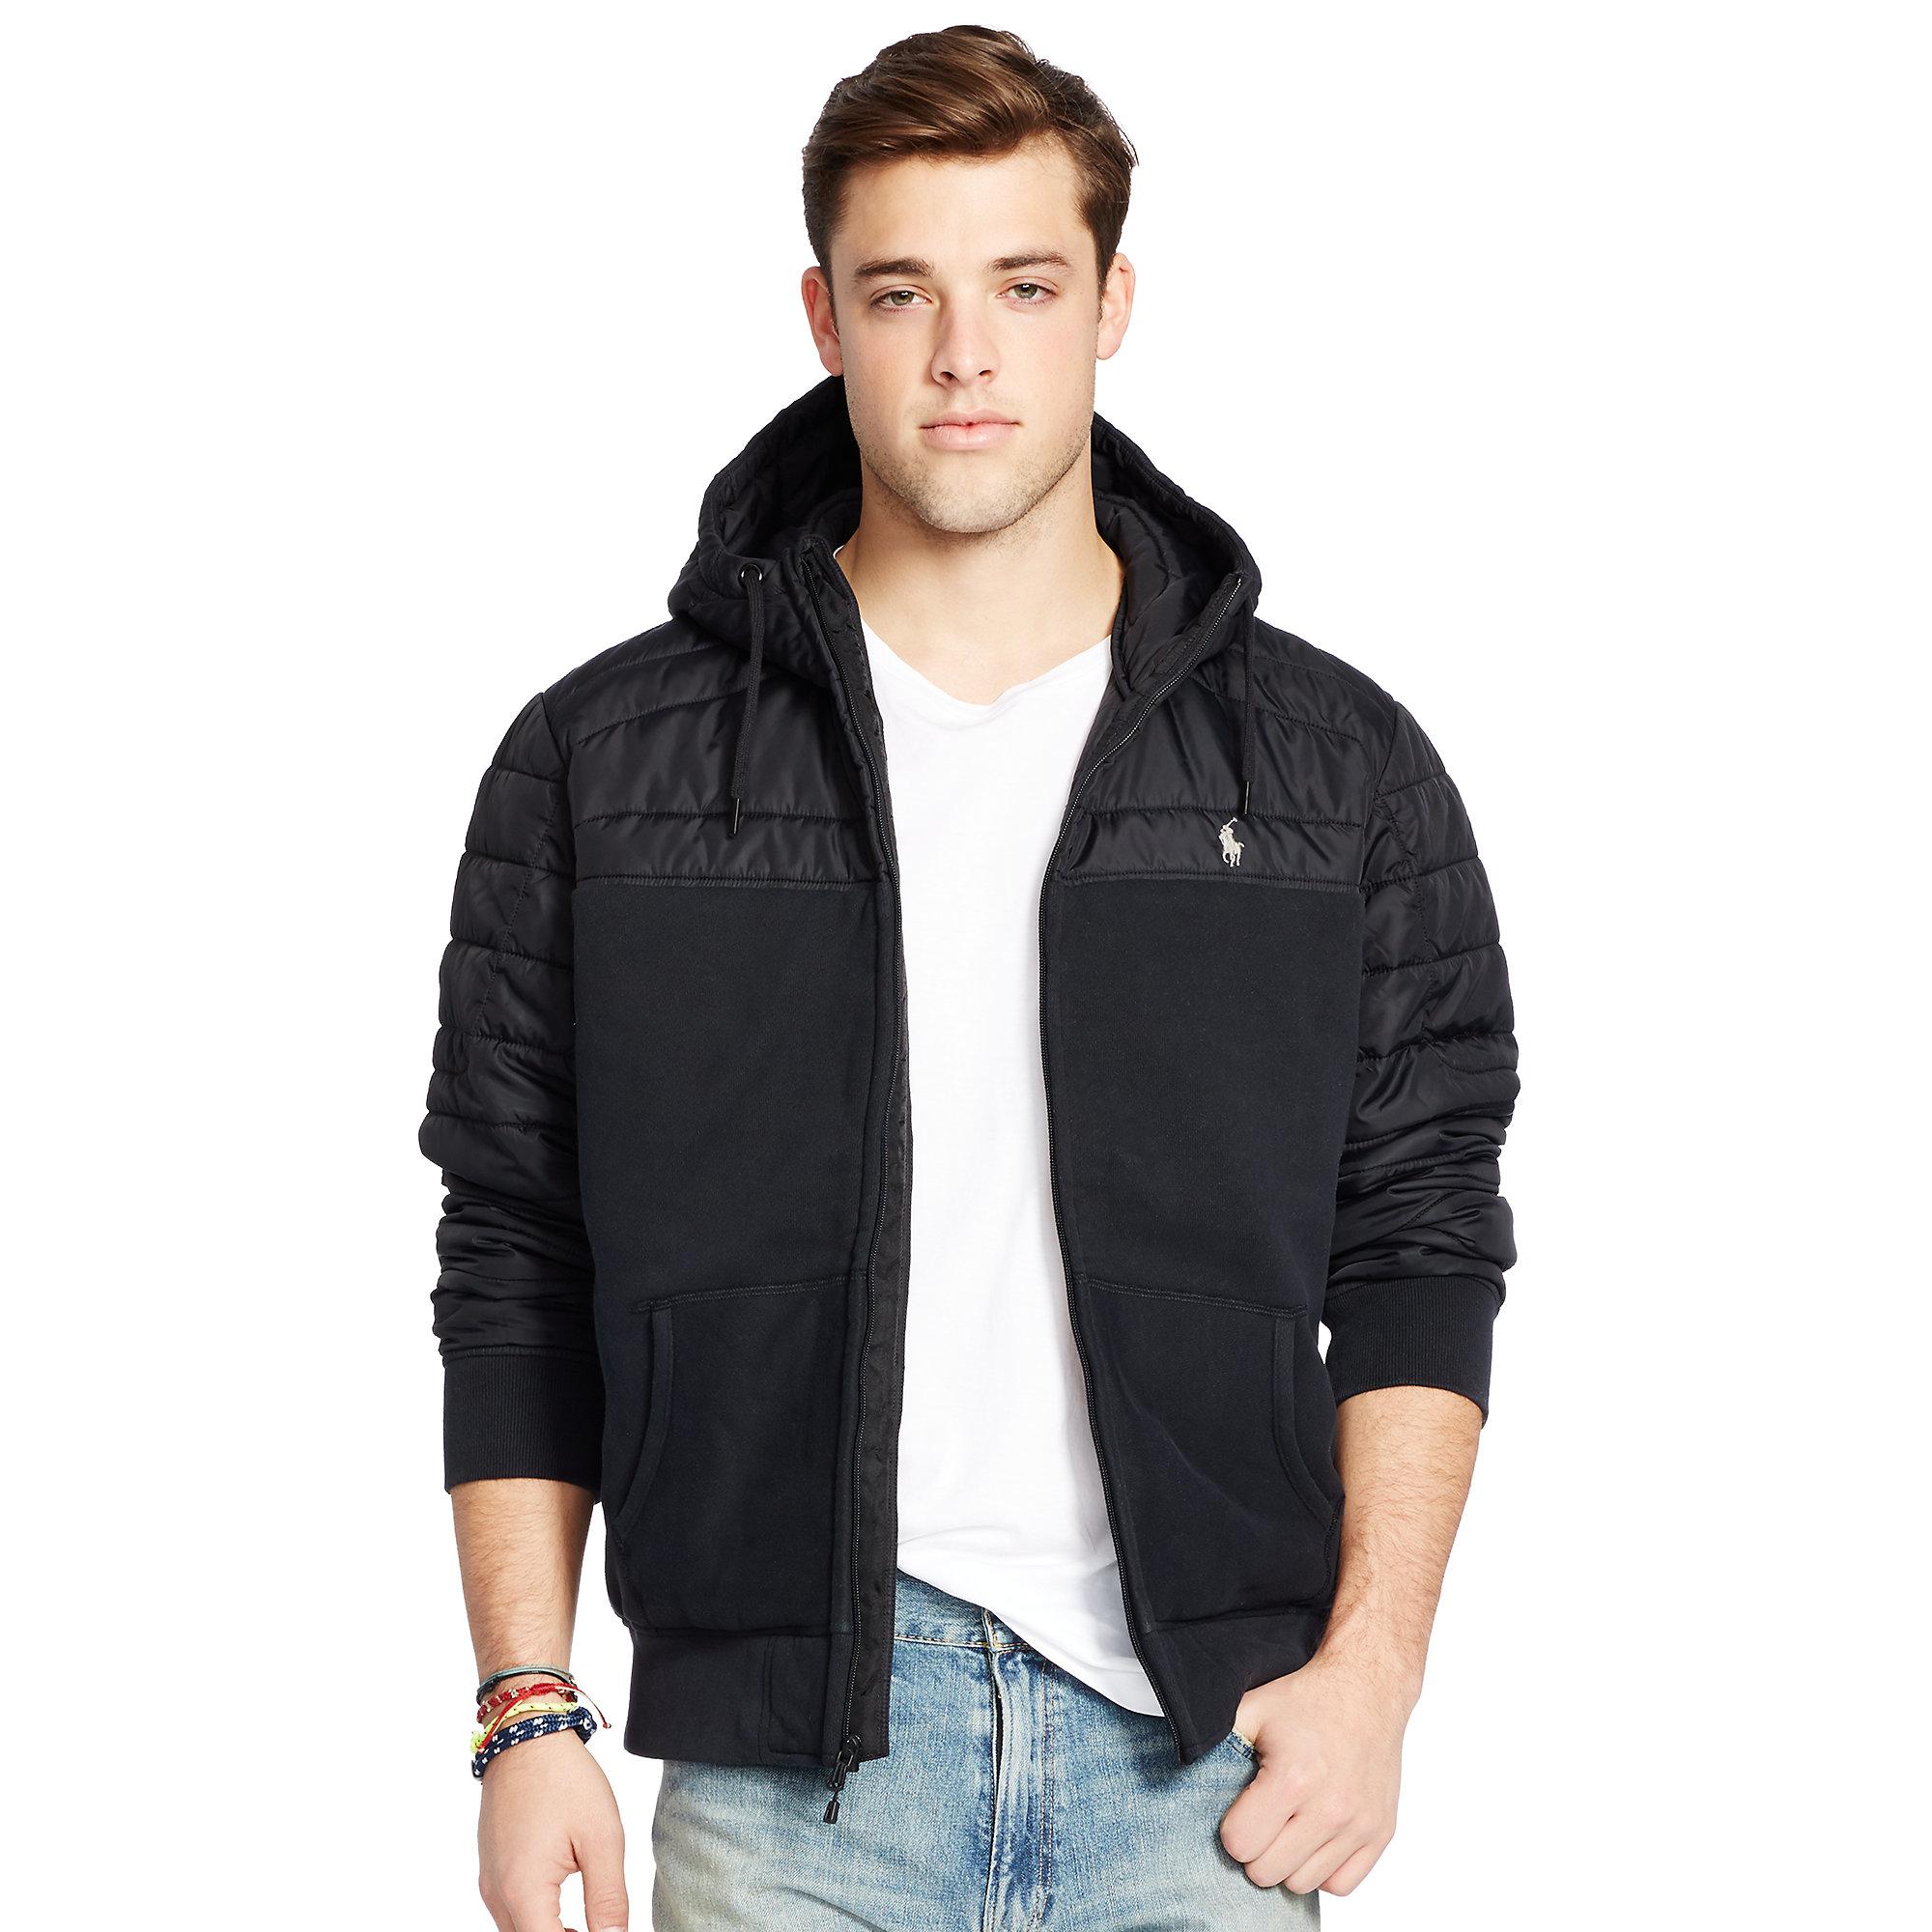 225d5344f Polo Ralph Lauren Paneled Fleece Hoodie in Black for Men - Lyst